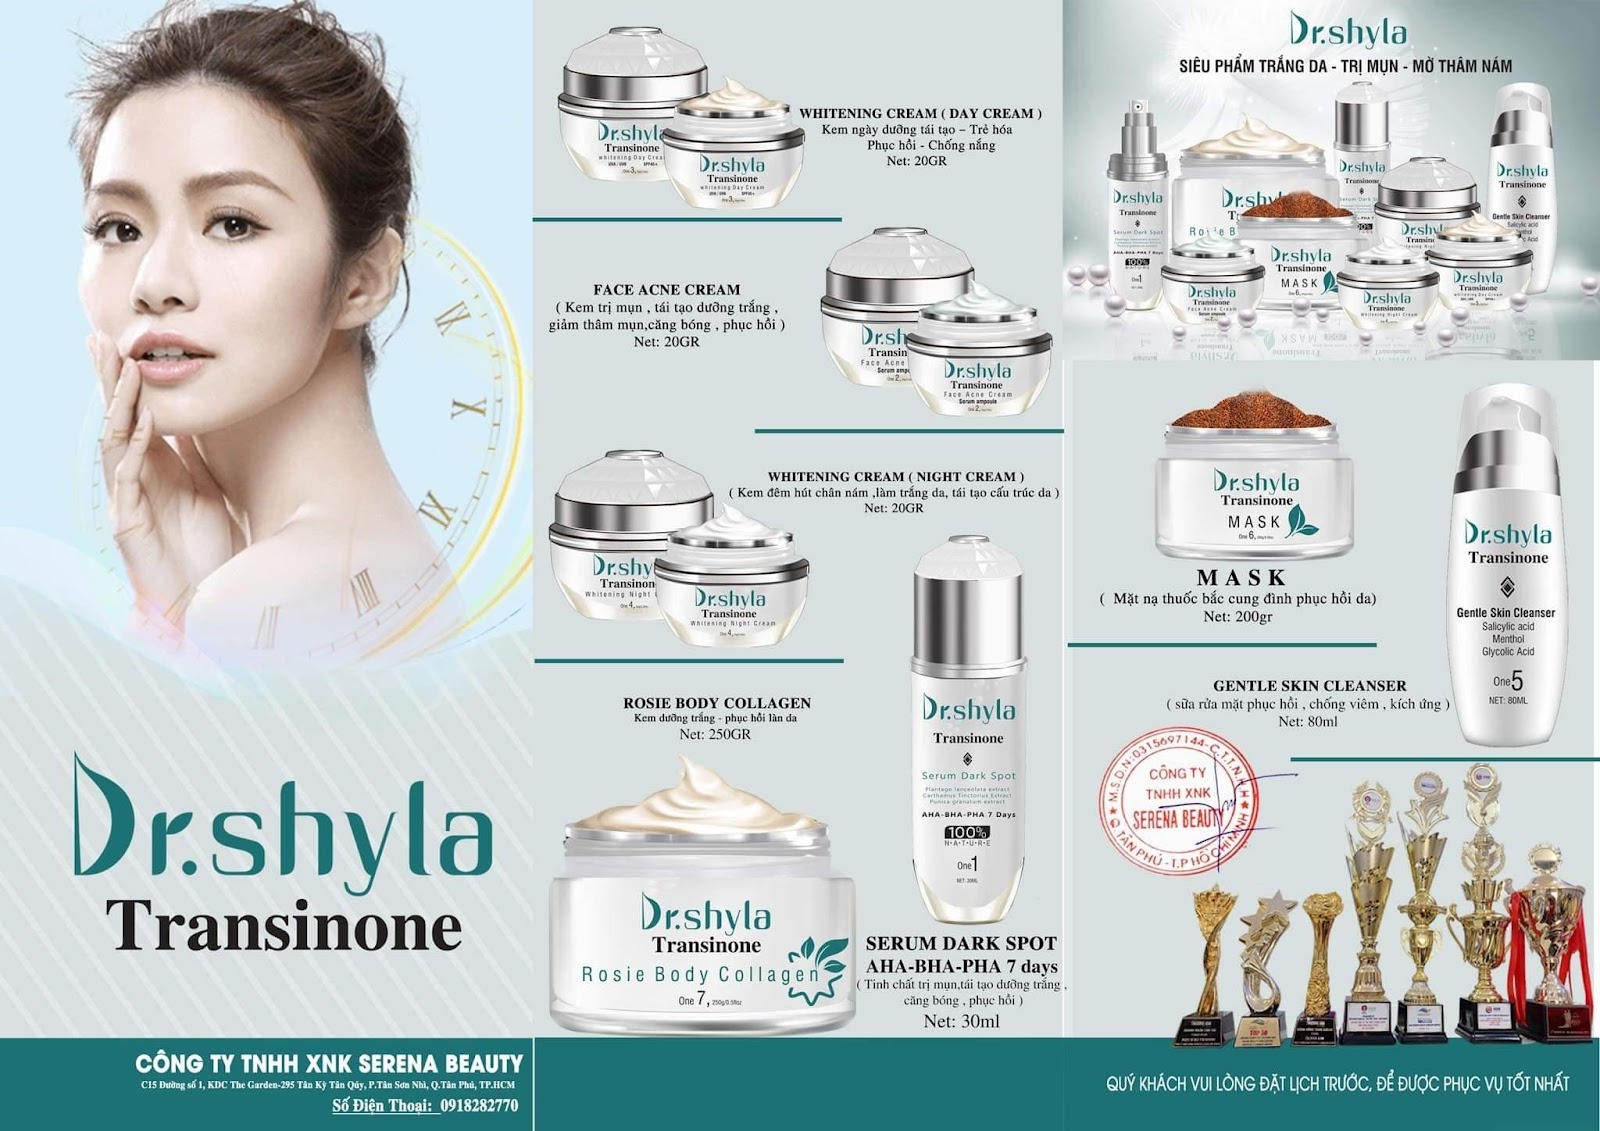 Thương hiệu Dược mỹ phẩm Dr.Shyla Transinone sản phẩm làm đẹp của thập kỉ mới - Ảnh 4